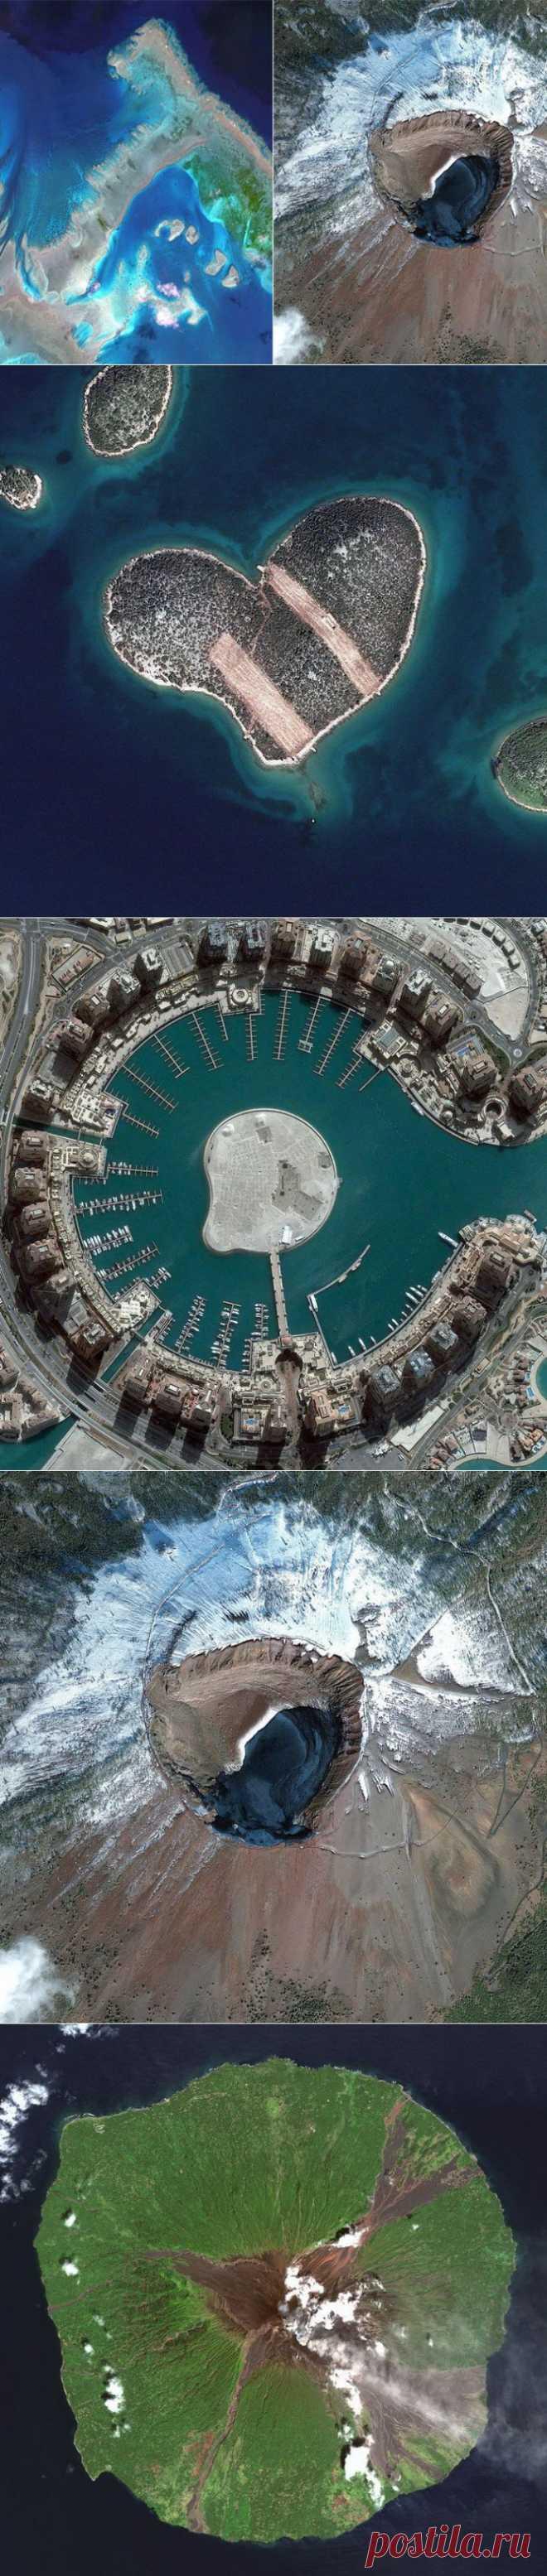 Самые впечатляющие фотографии, сделанные со спутника   Фотография   Фотография